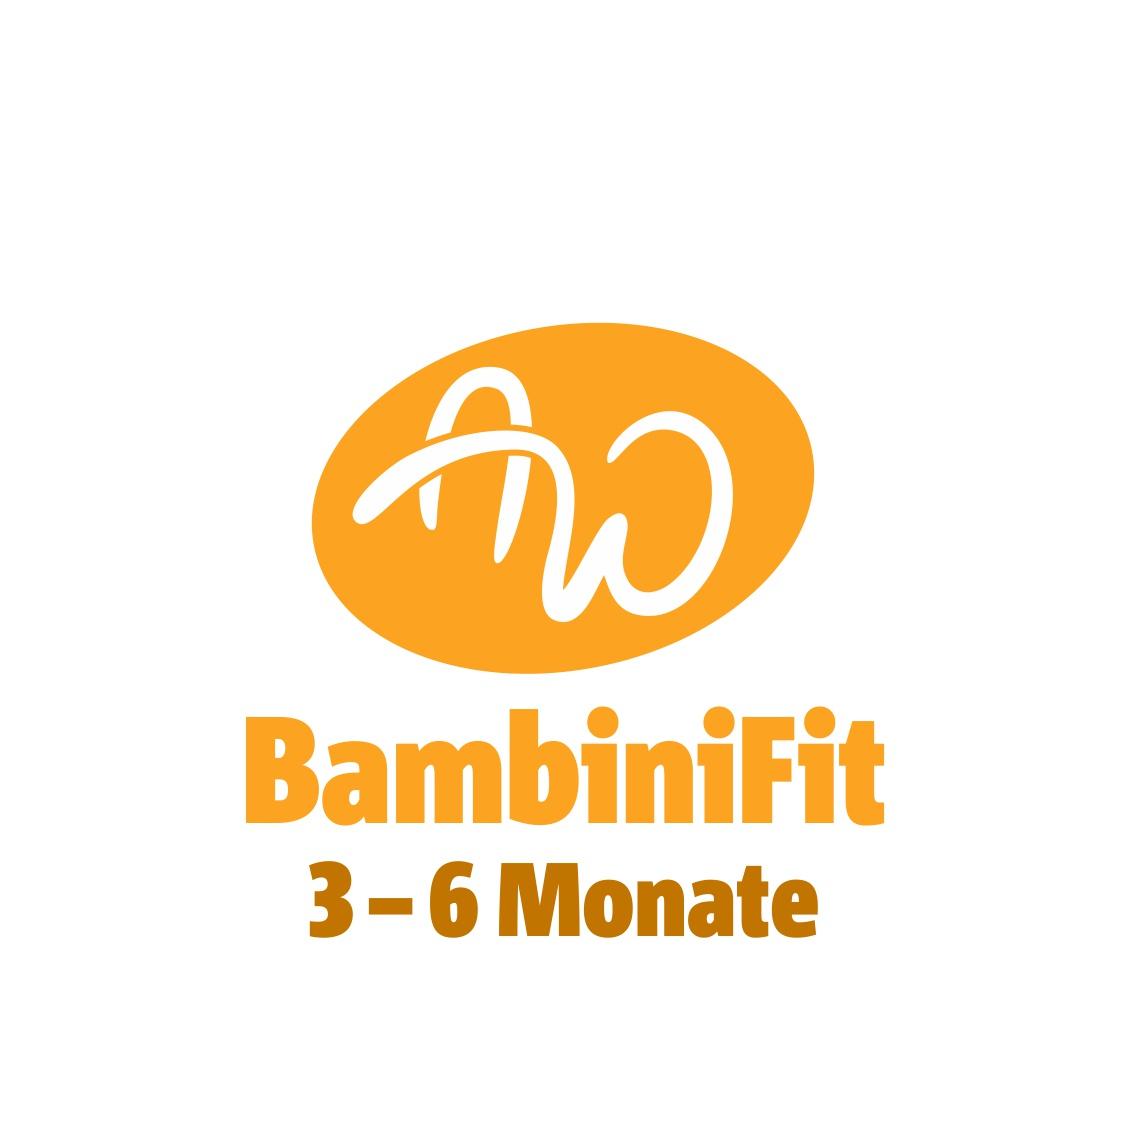 BambiniFit 3-6